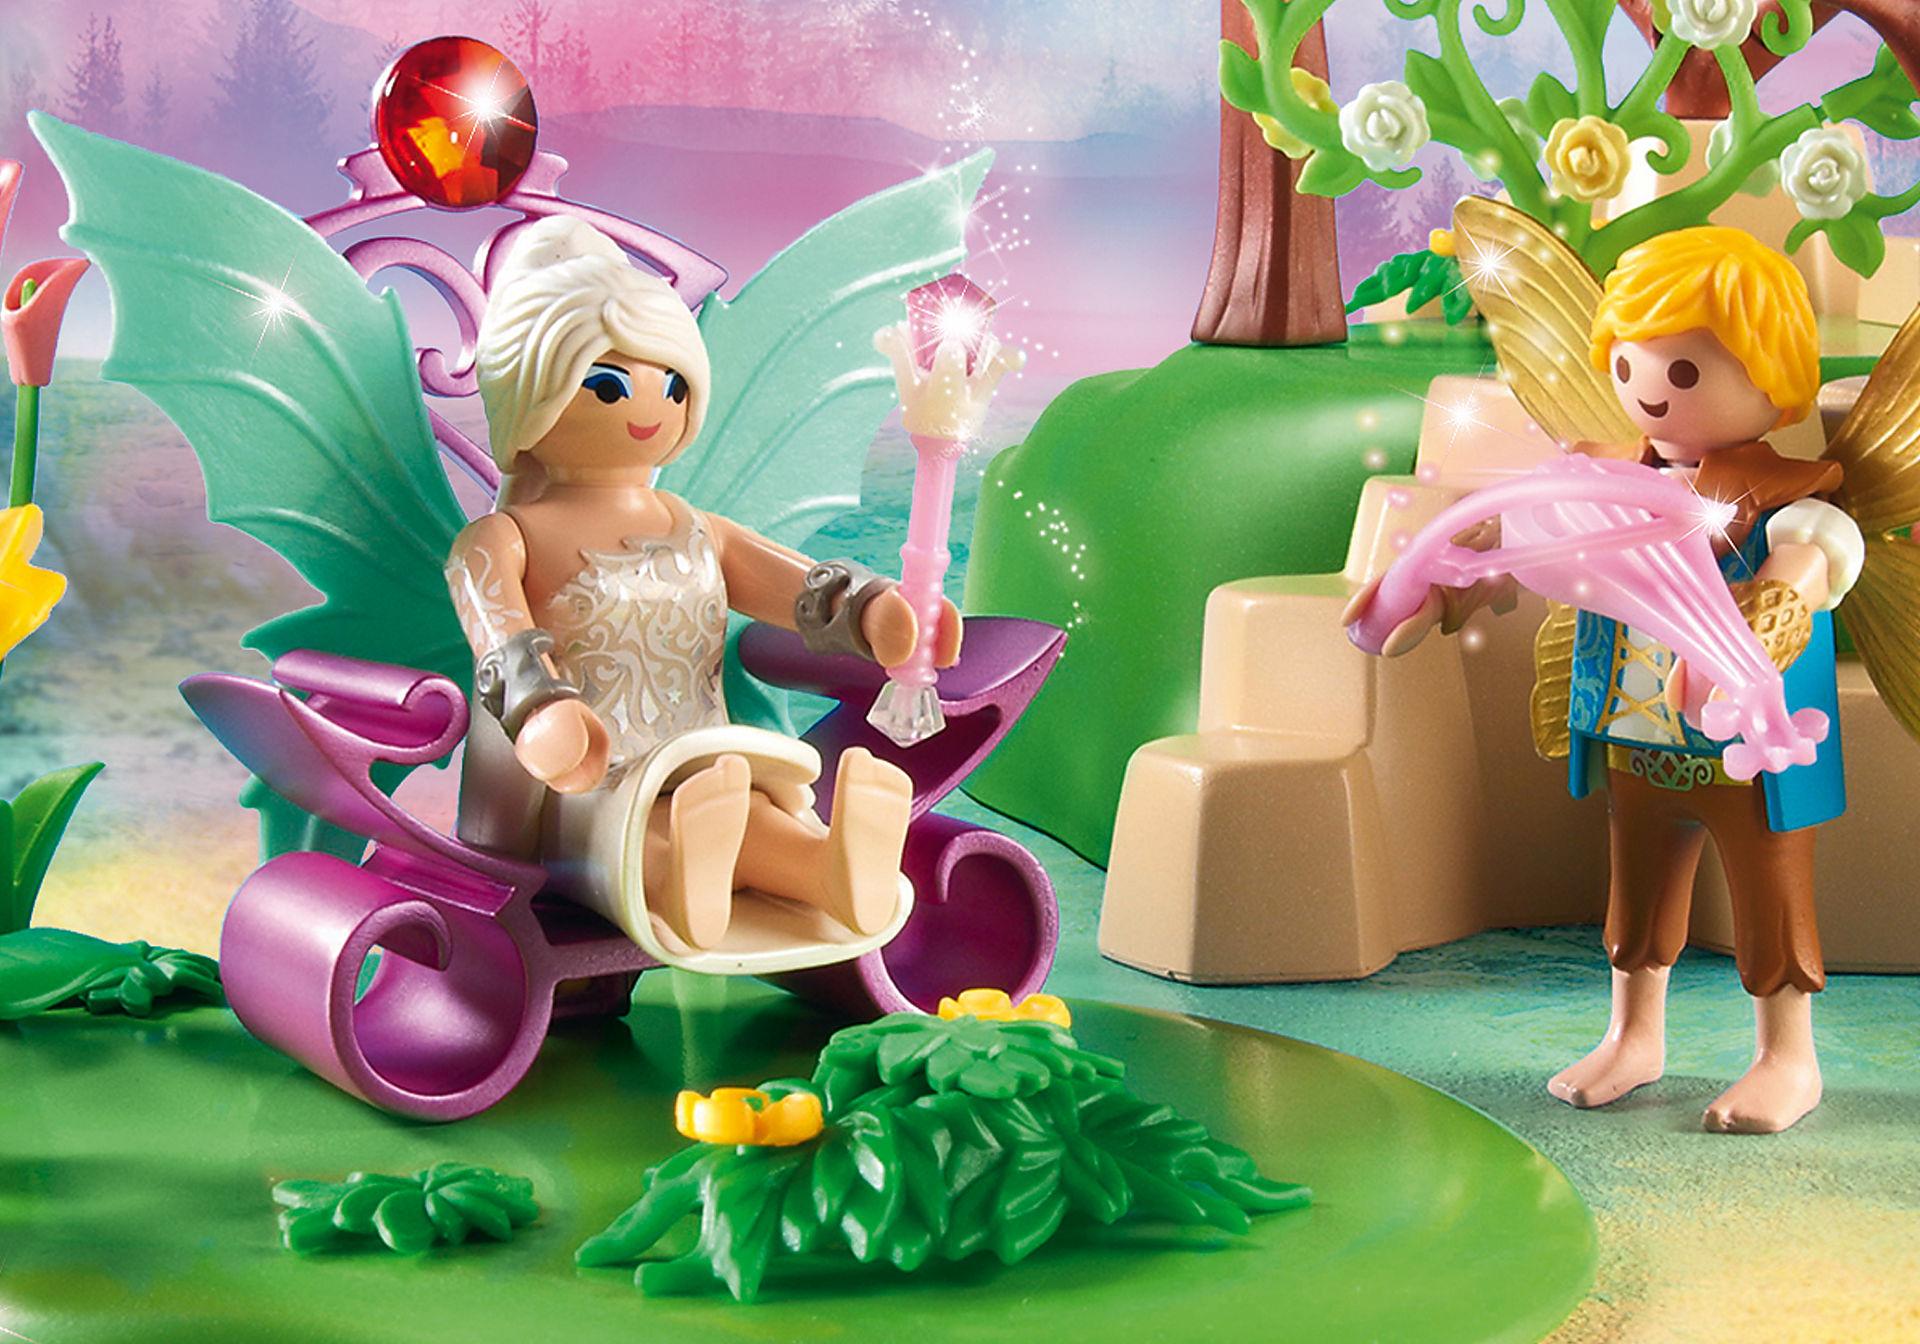 http://media.playmobil.com/i/playmobil/9132_product_extra6/Bosque Mágico das Fadas